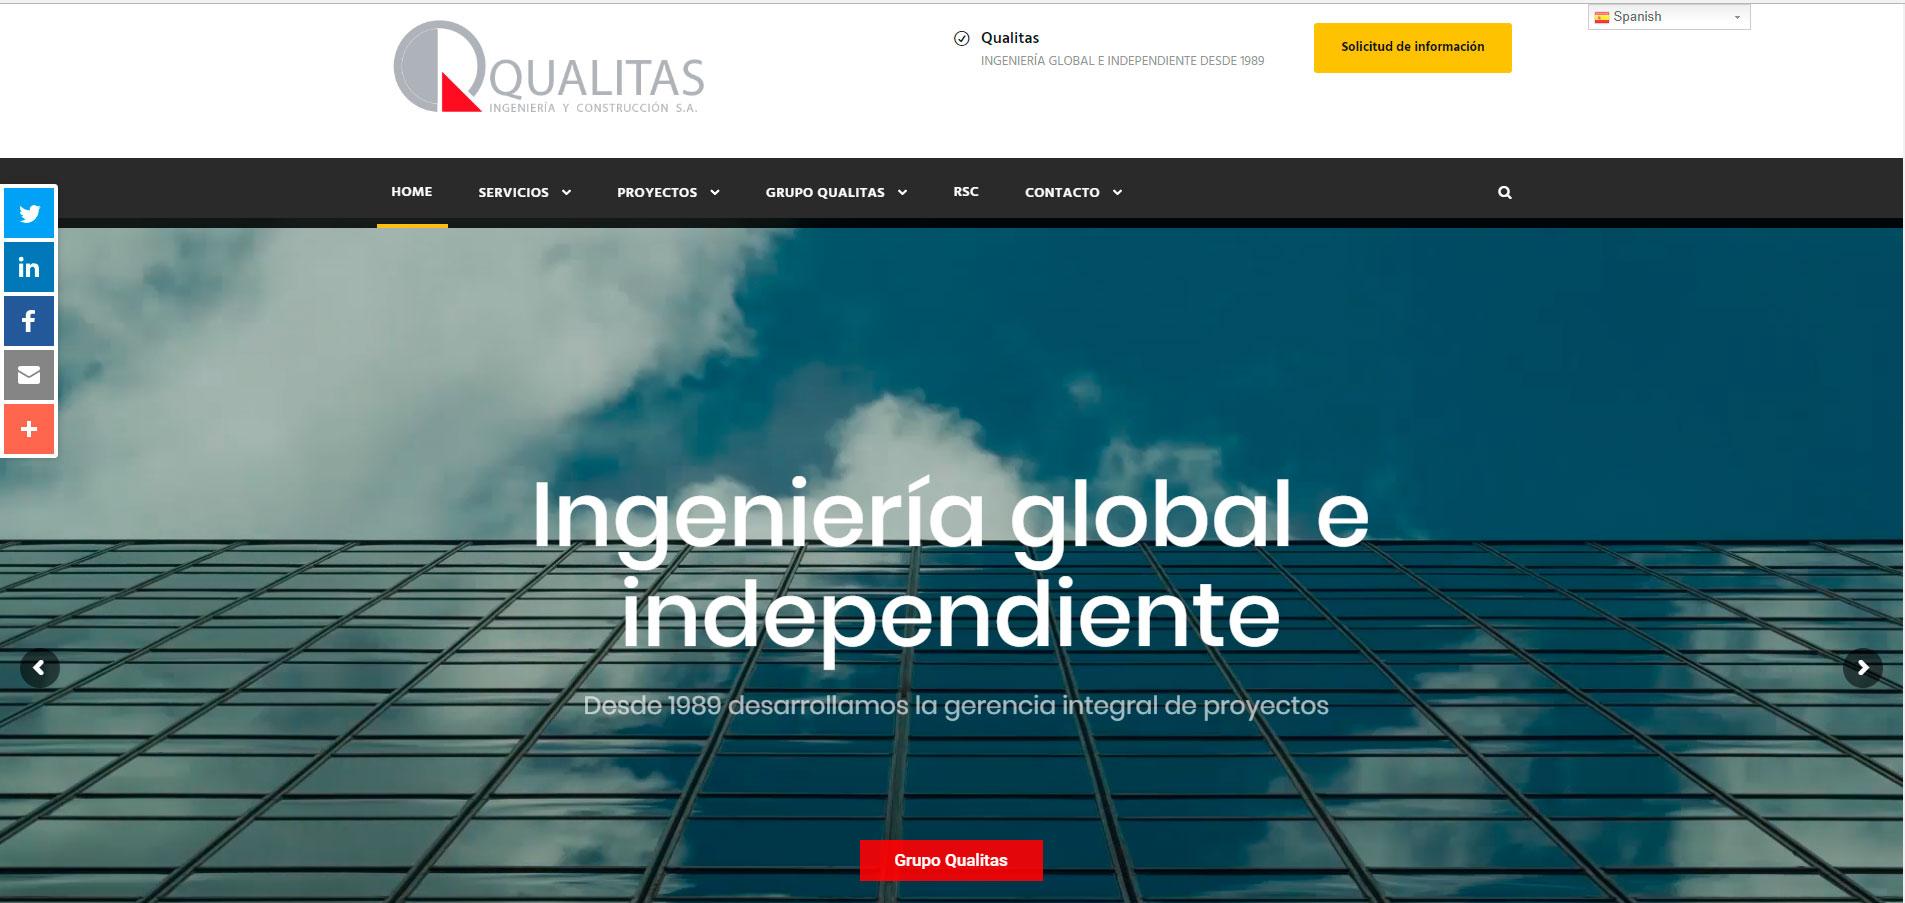 Web Qualitas Ingenieria y Construcción